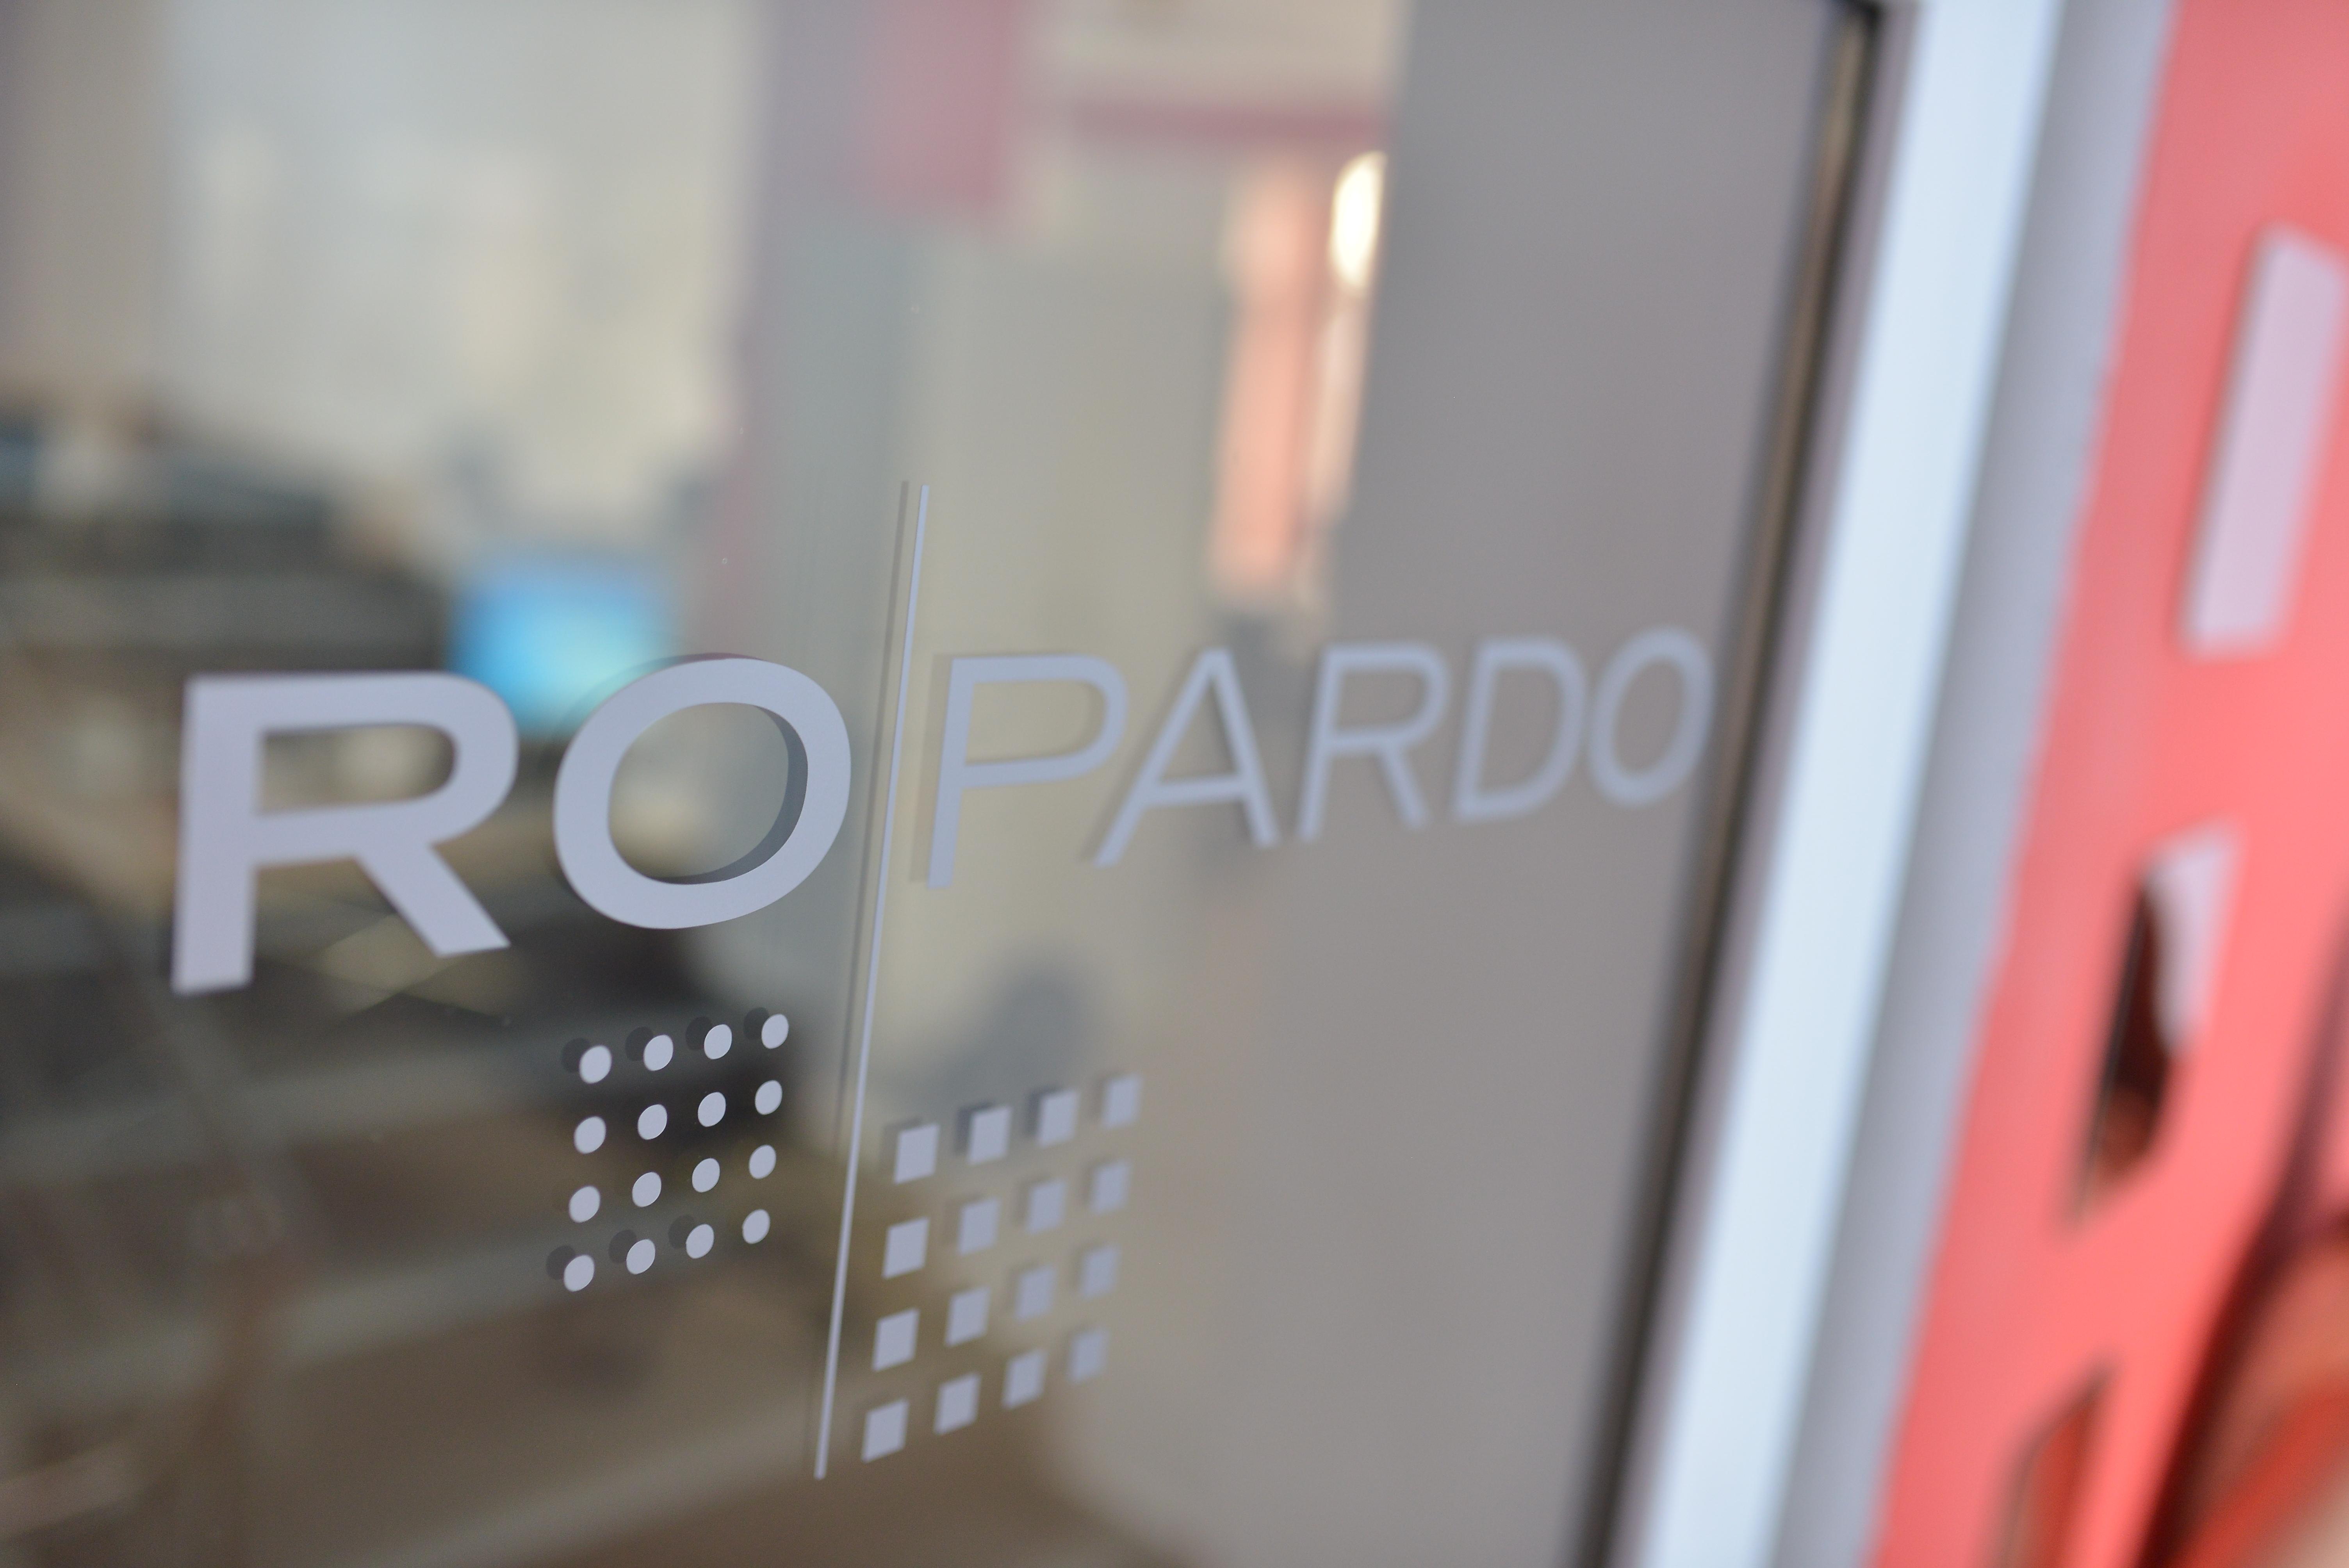 ROPARDO - Software Engineering